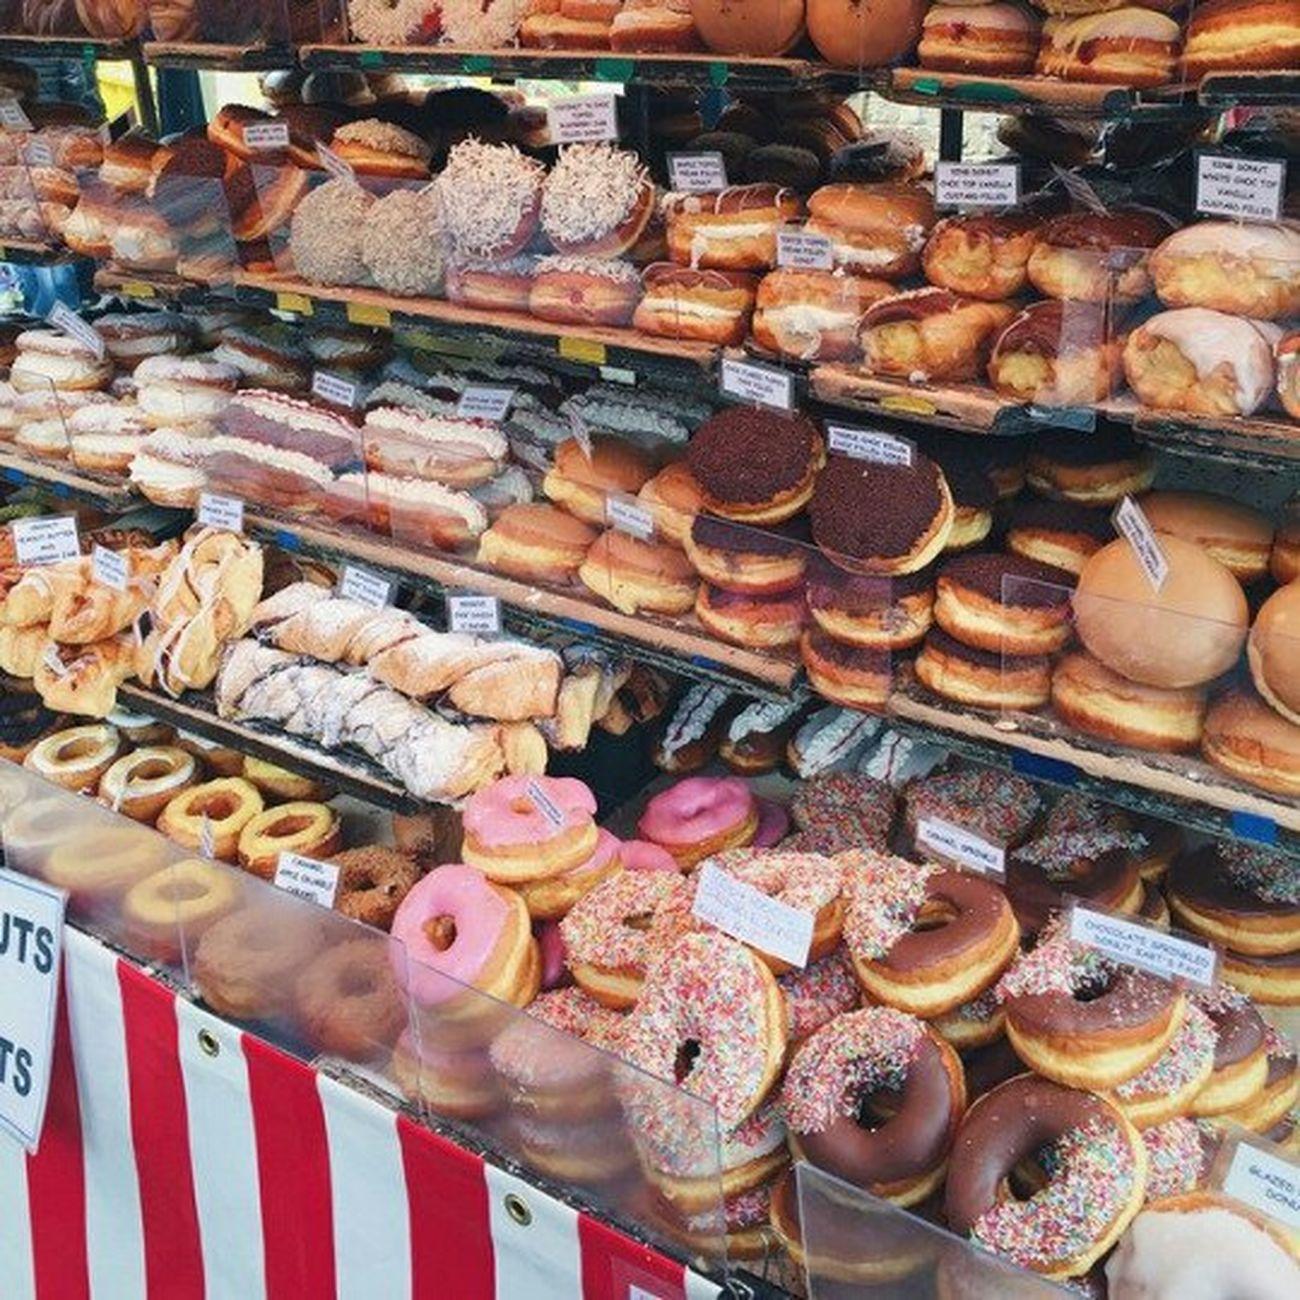 Mmmm☺ Food <3 Love <3 Donuts🍩 Donuts❤❤❤❤👌👌 <3 Donuts <3 Tasty😋 Mmm :) Food♡ Very Tasty